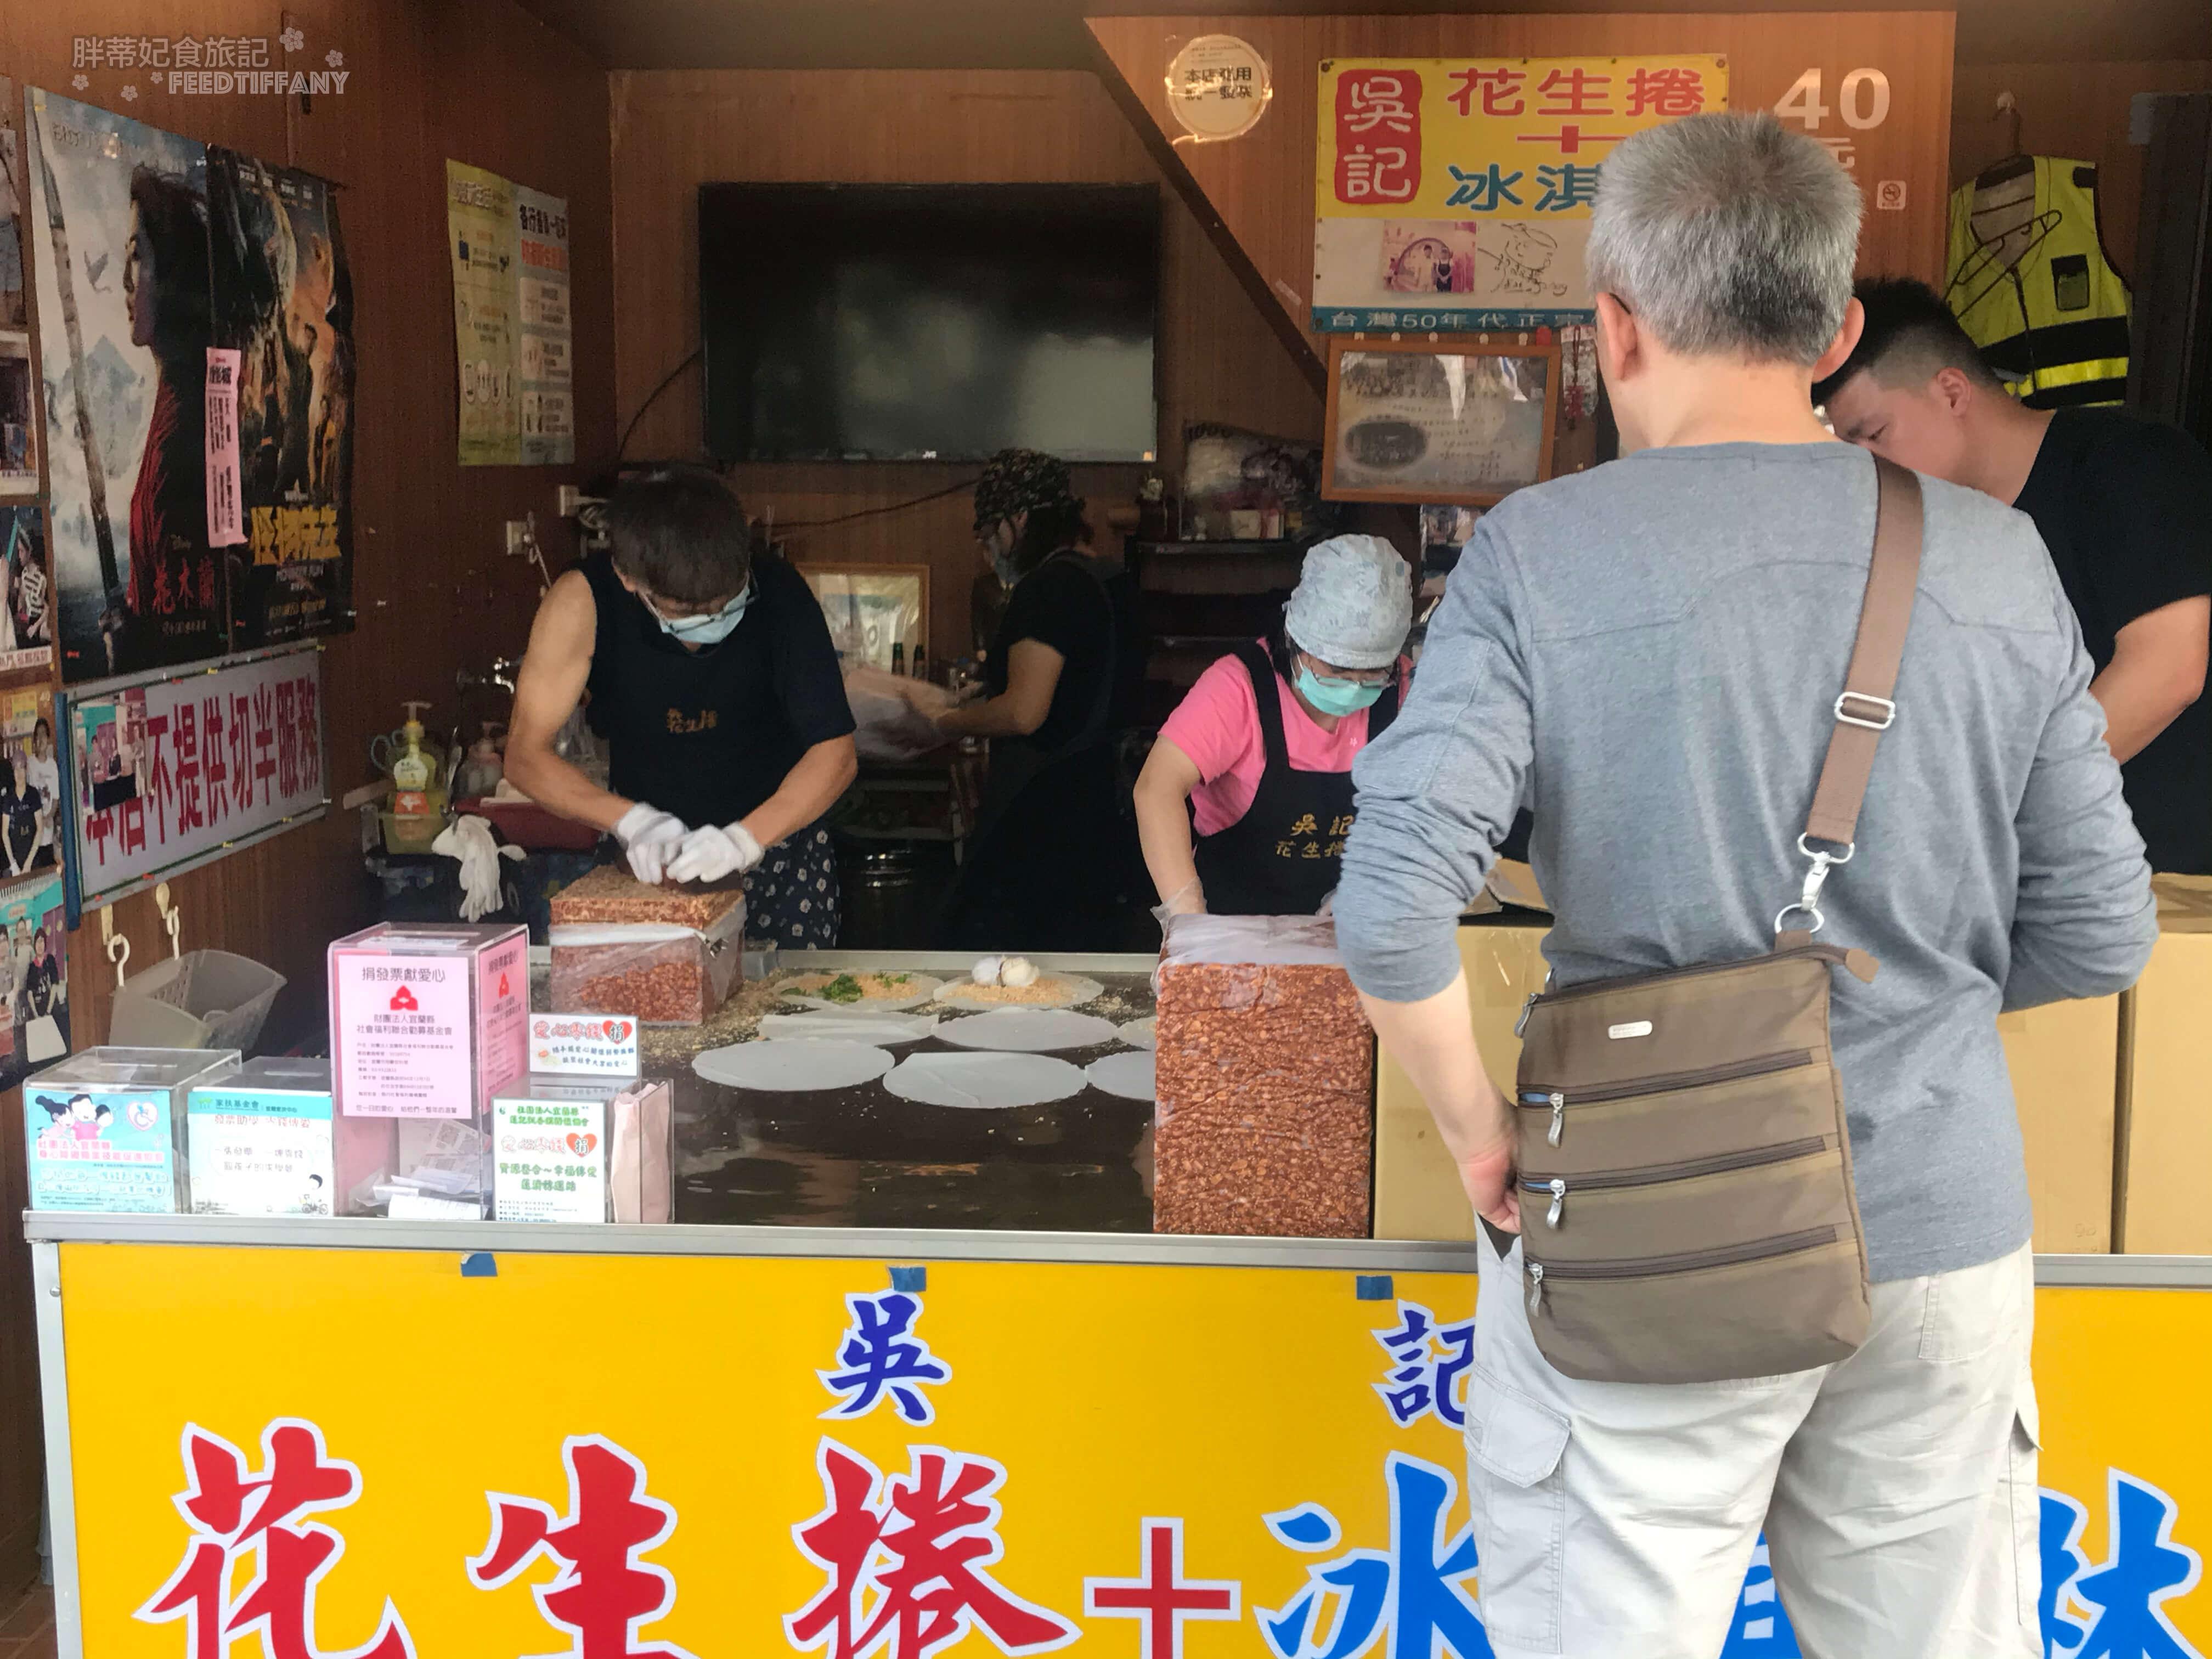 礁溪路四段美食 排隊等待購買冰淇淋卷